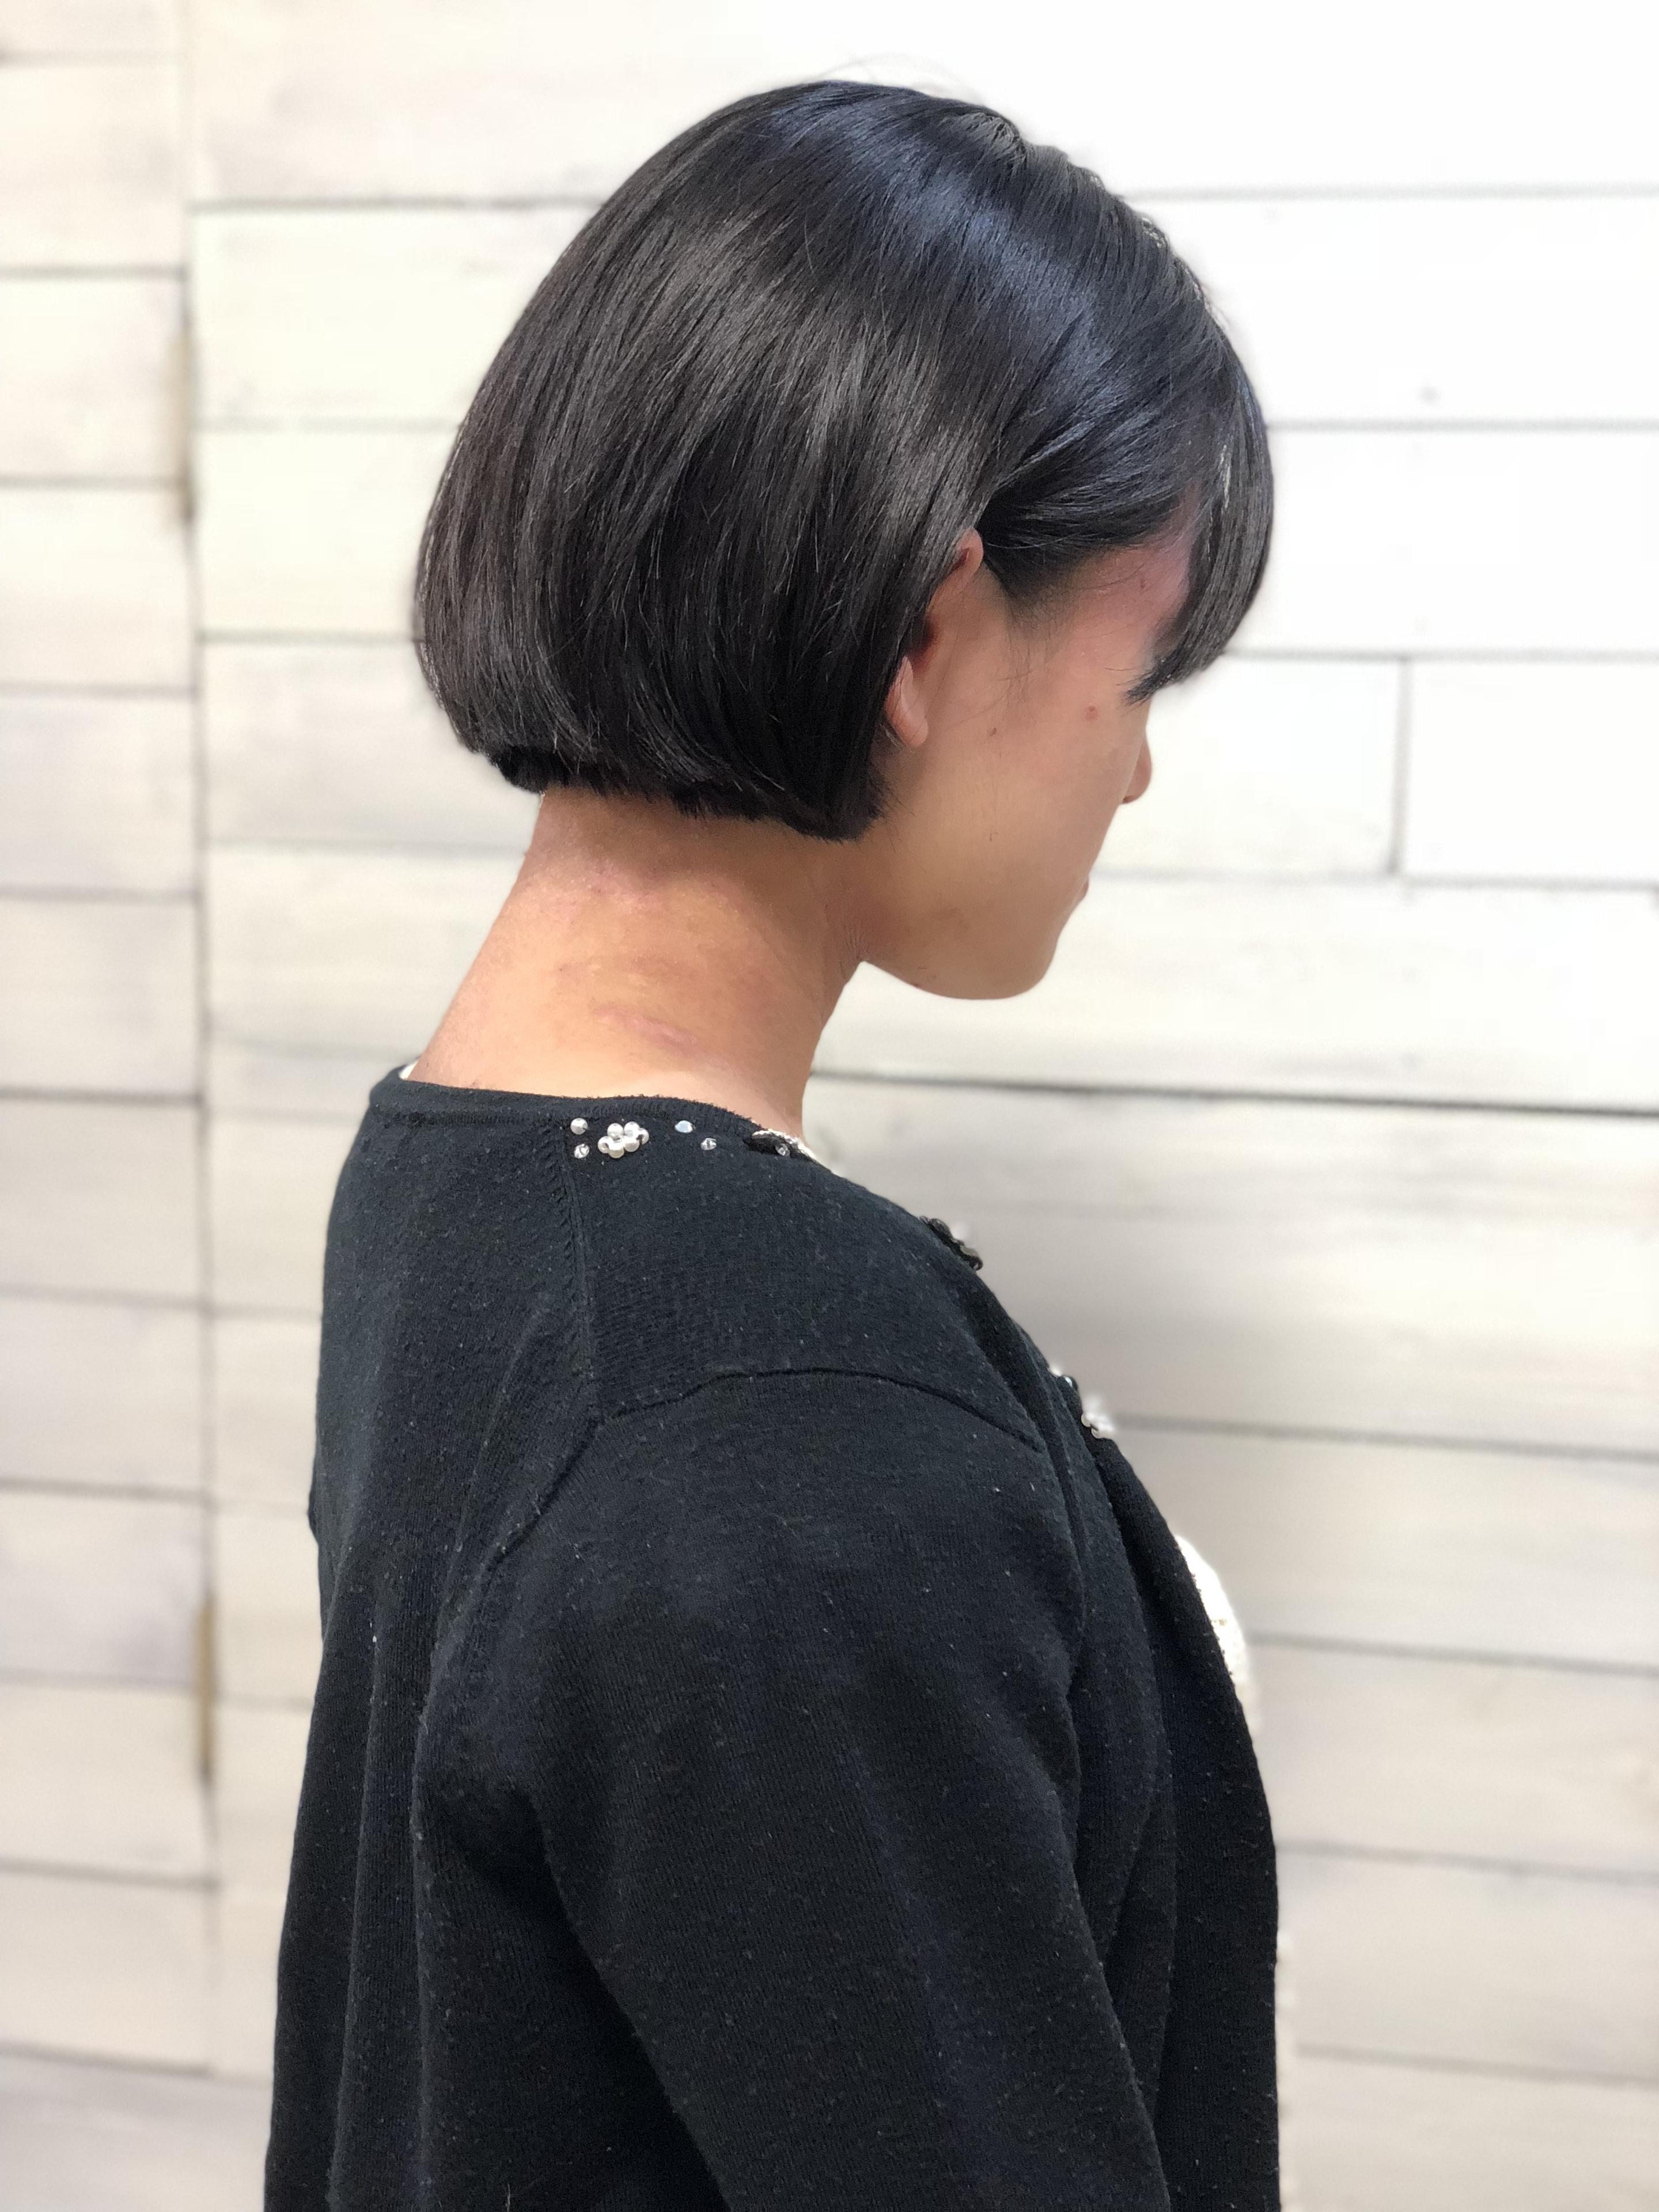 東京新宿歌舞伎町 西武新宿 駅近 美容院 セイヴィアン ヘアドネーションやっています! ぜひ髪を切るときはお願いします!